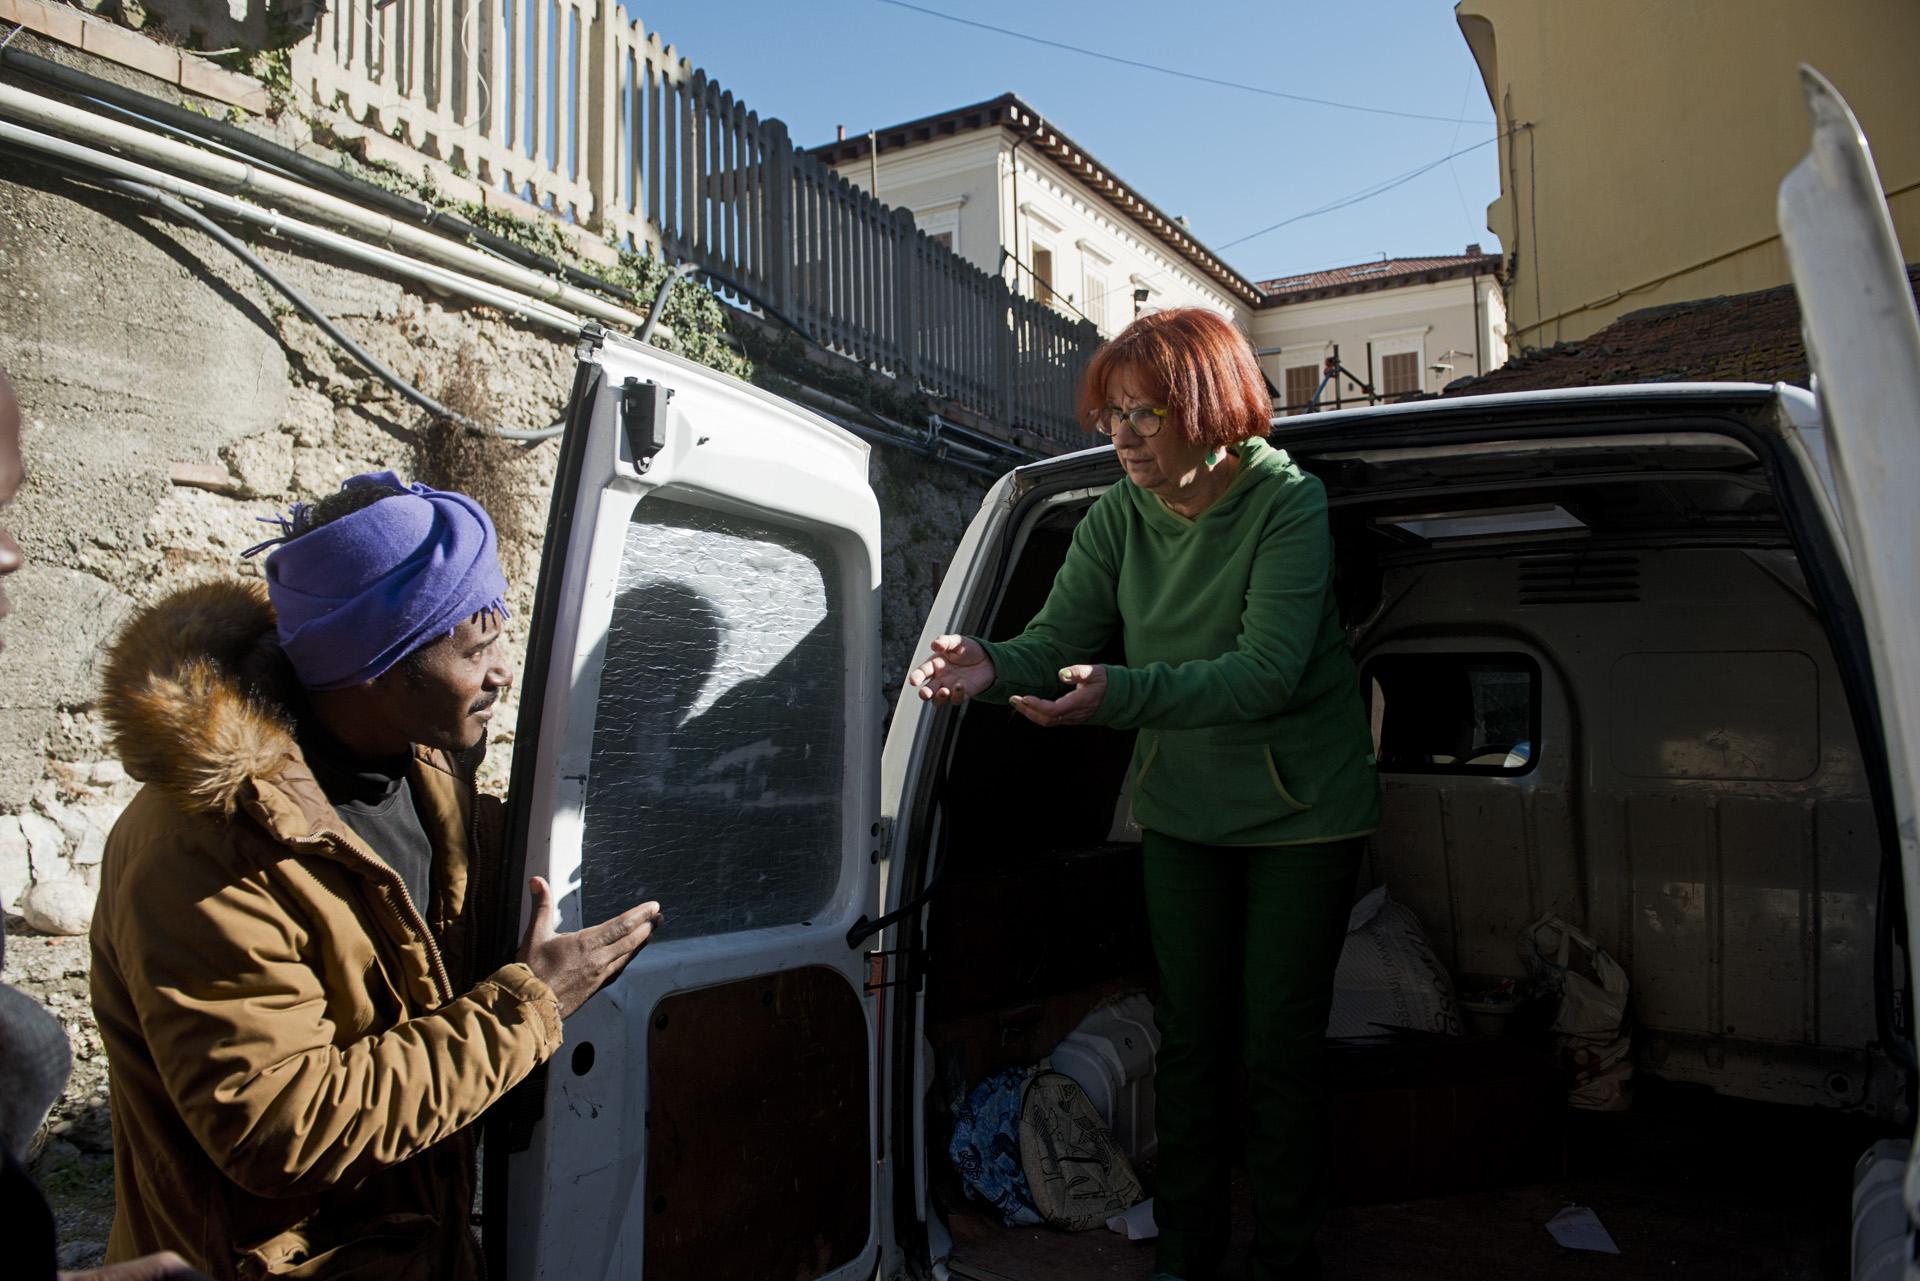 Des dons de vêtements et de kit hygiène affluent vers les locaux de Caritas à Vintimille grâce à la mobilisation de bénévoles comme Teresa Maffeis, présidente de l'association niçoise ADN. Cette militante super active organise chaque semaine des collectes pour les migrants de Vintimille.